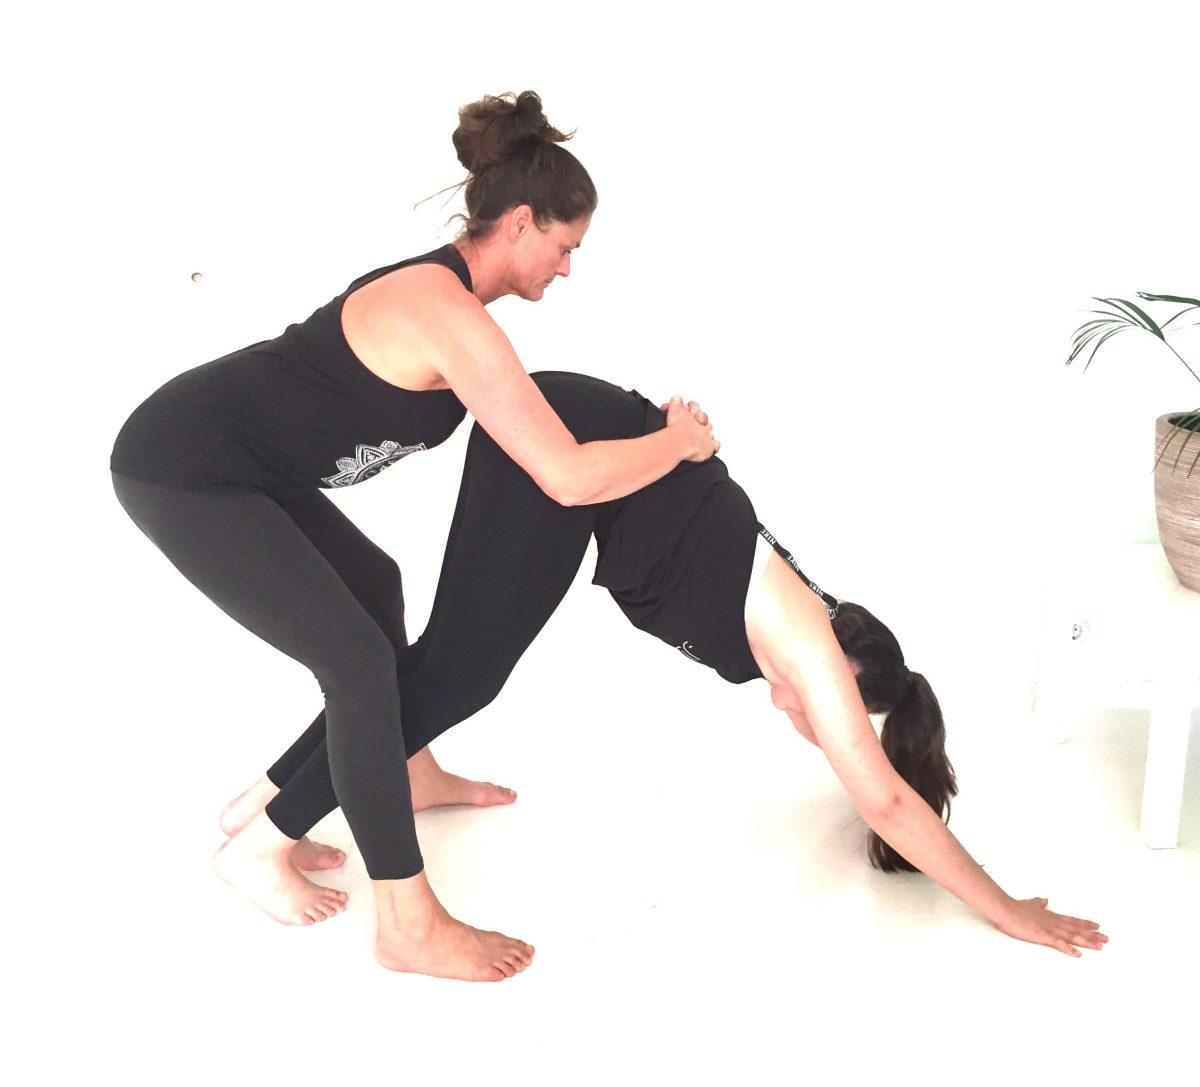 yogaausbildung-haltung-korrigieren